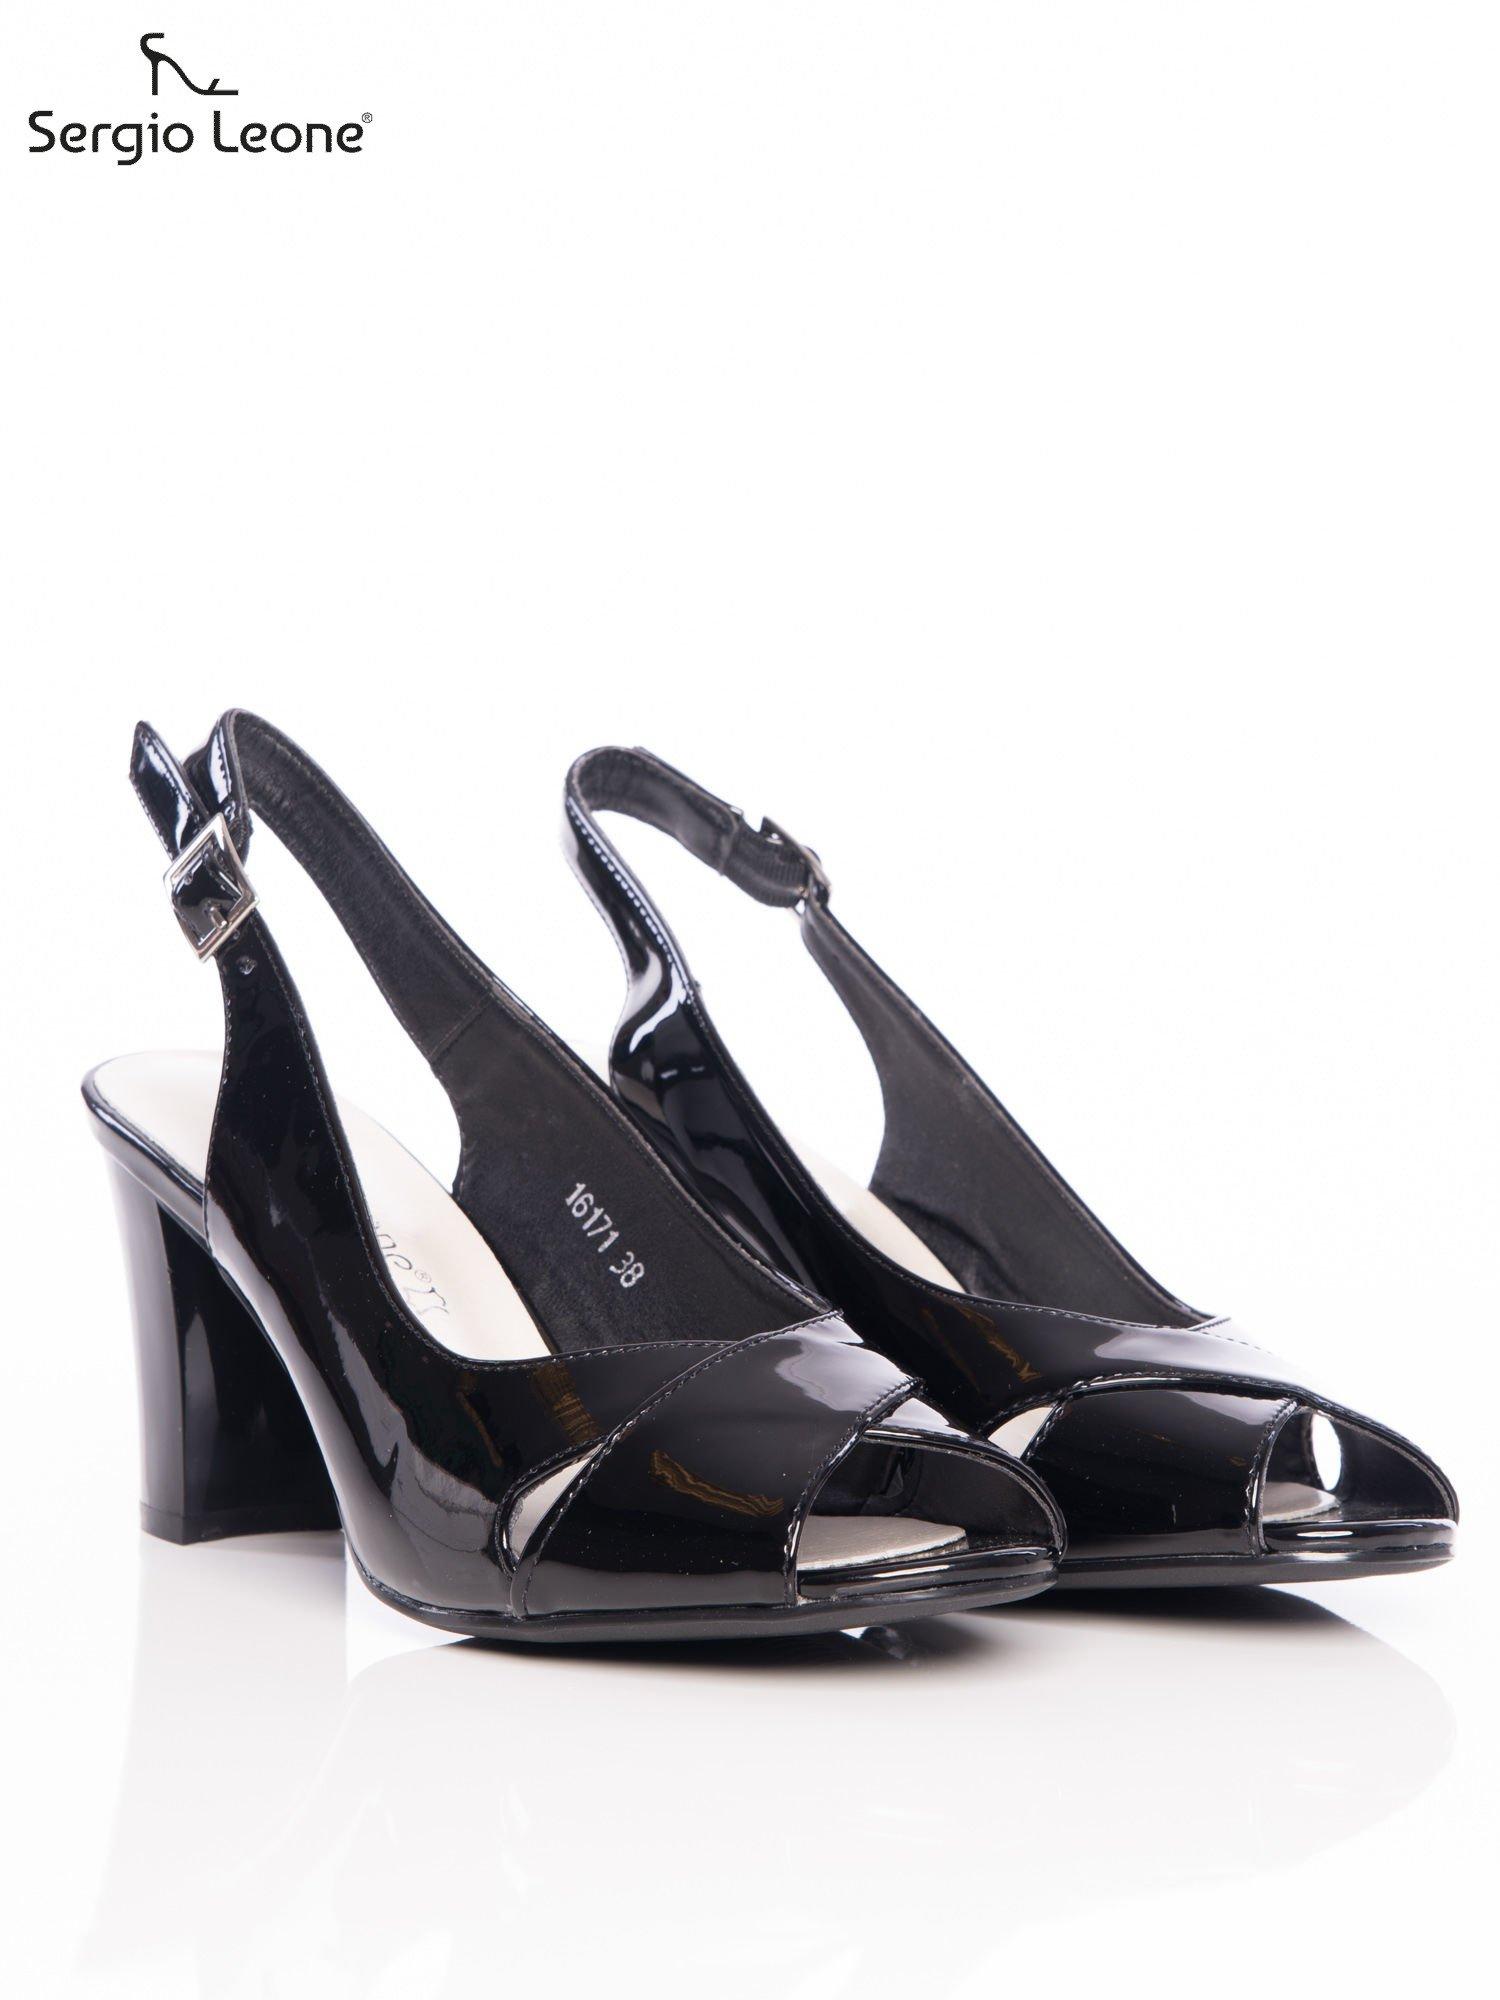 96a3e873c0e7 1  Czarne lakierowane sandały Sergio Leone z ozdobnymi paskami na przodzie  na wyższym słupku ...